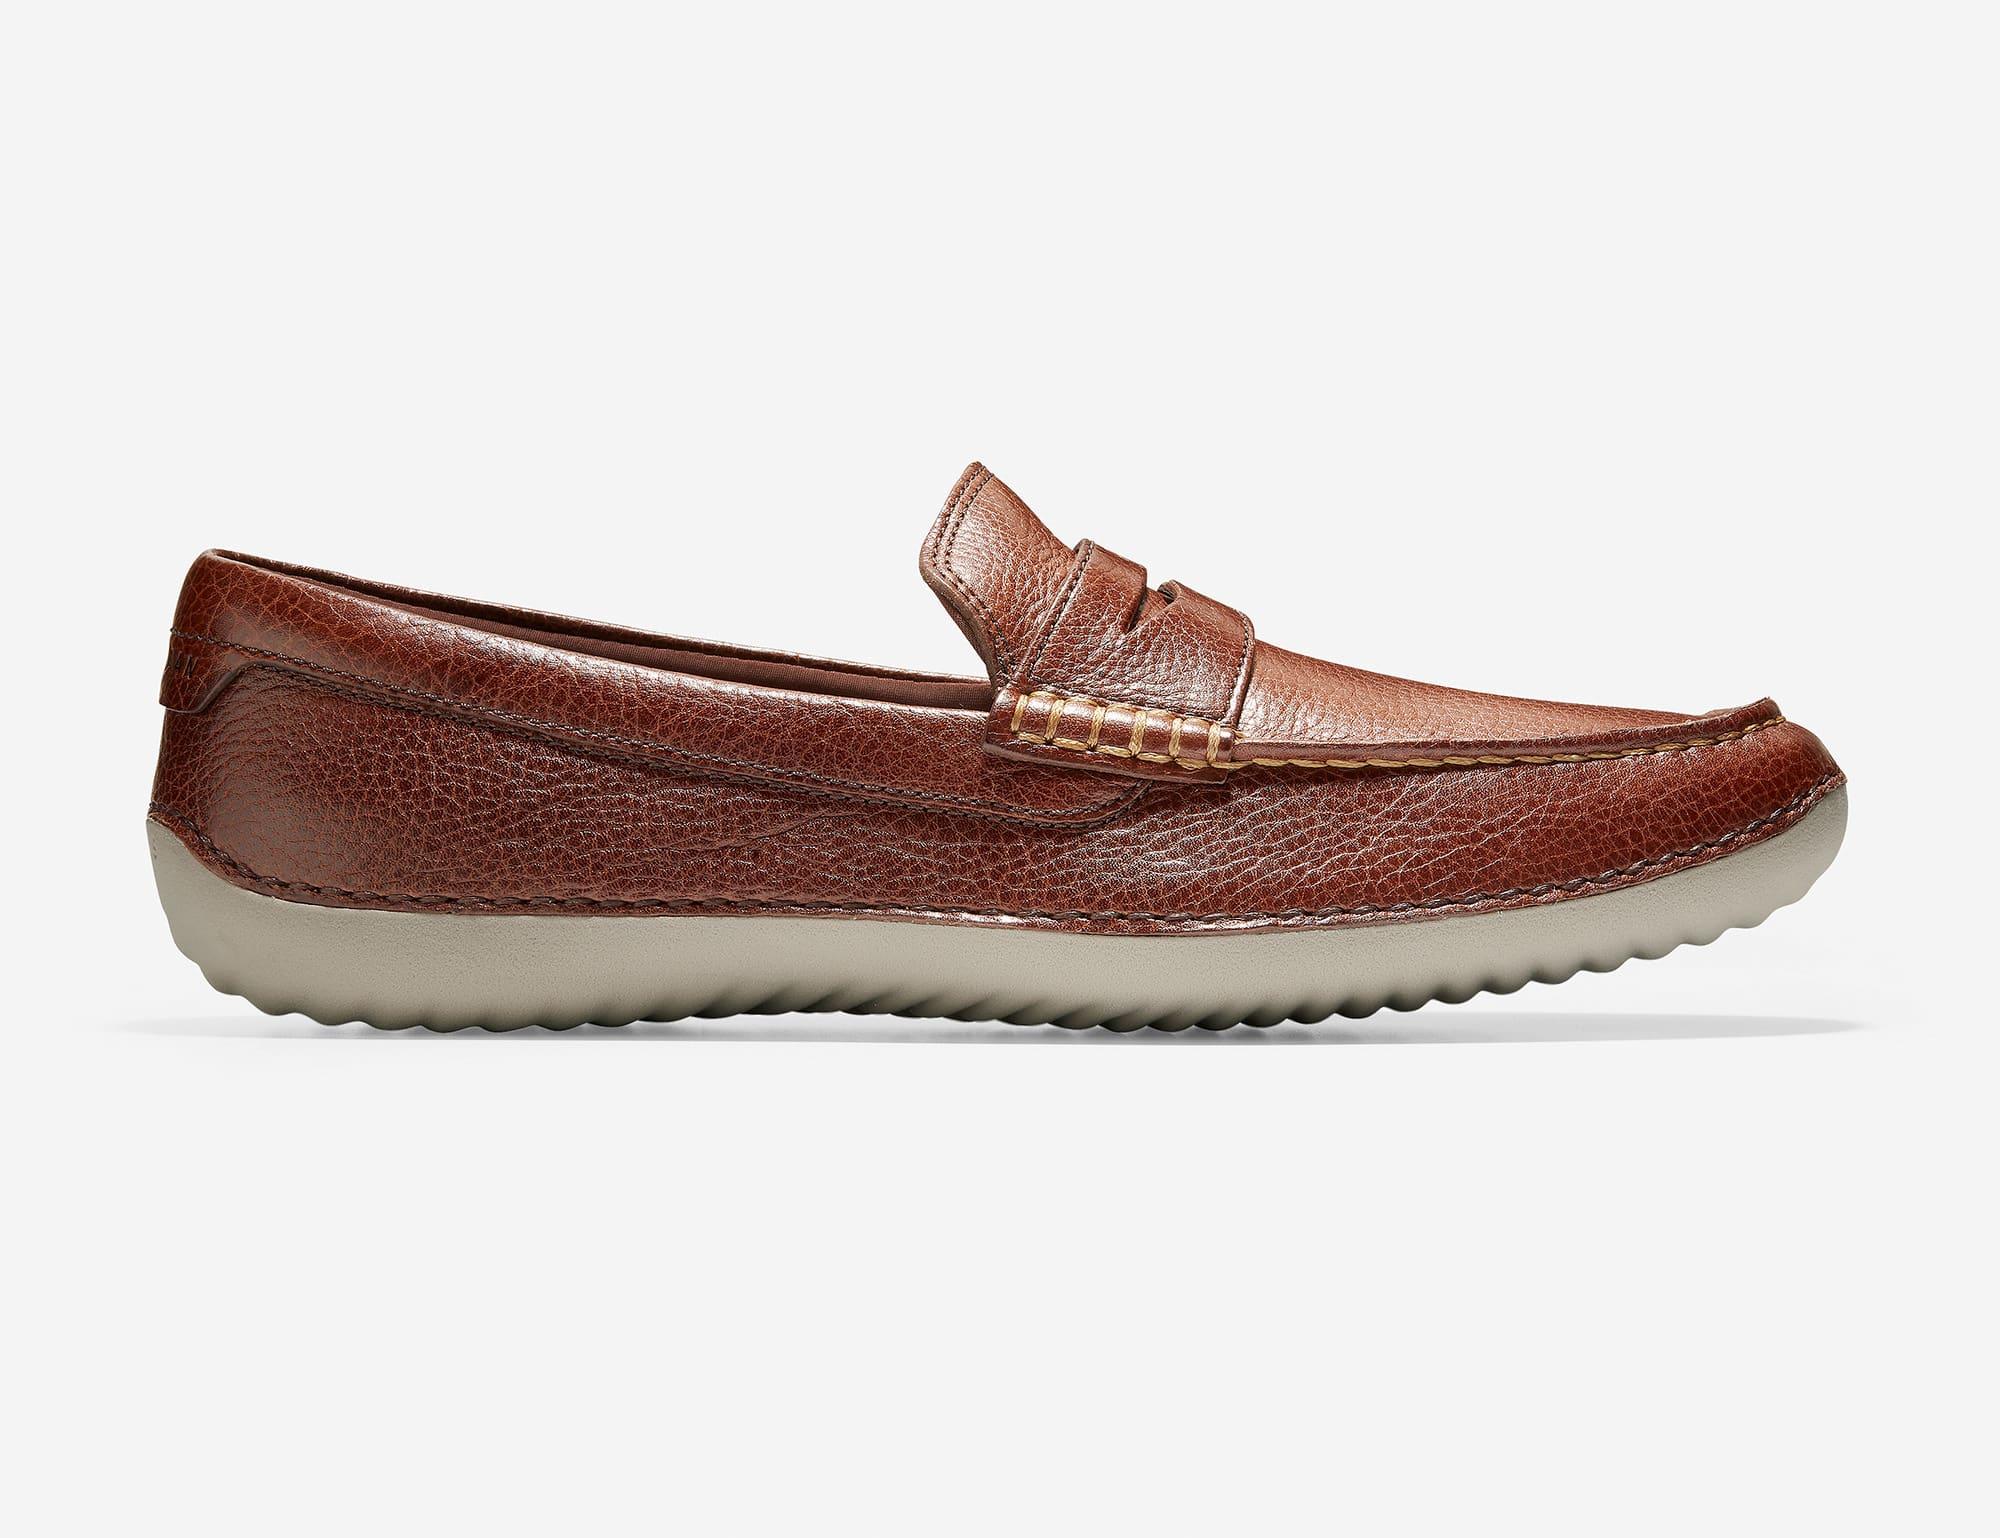 Cole Haan Final Sale Shoes